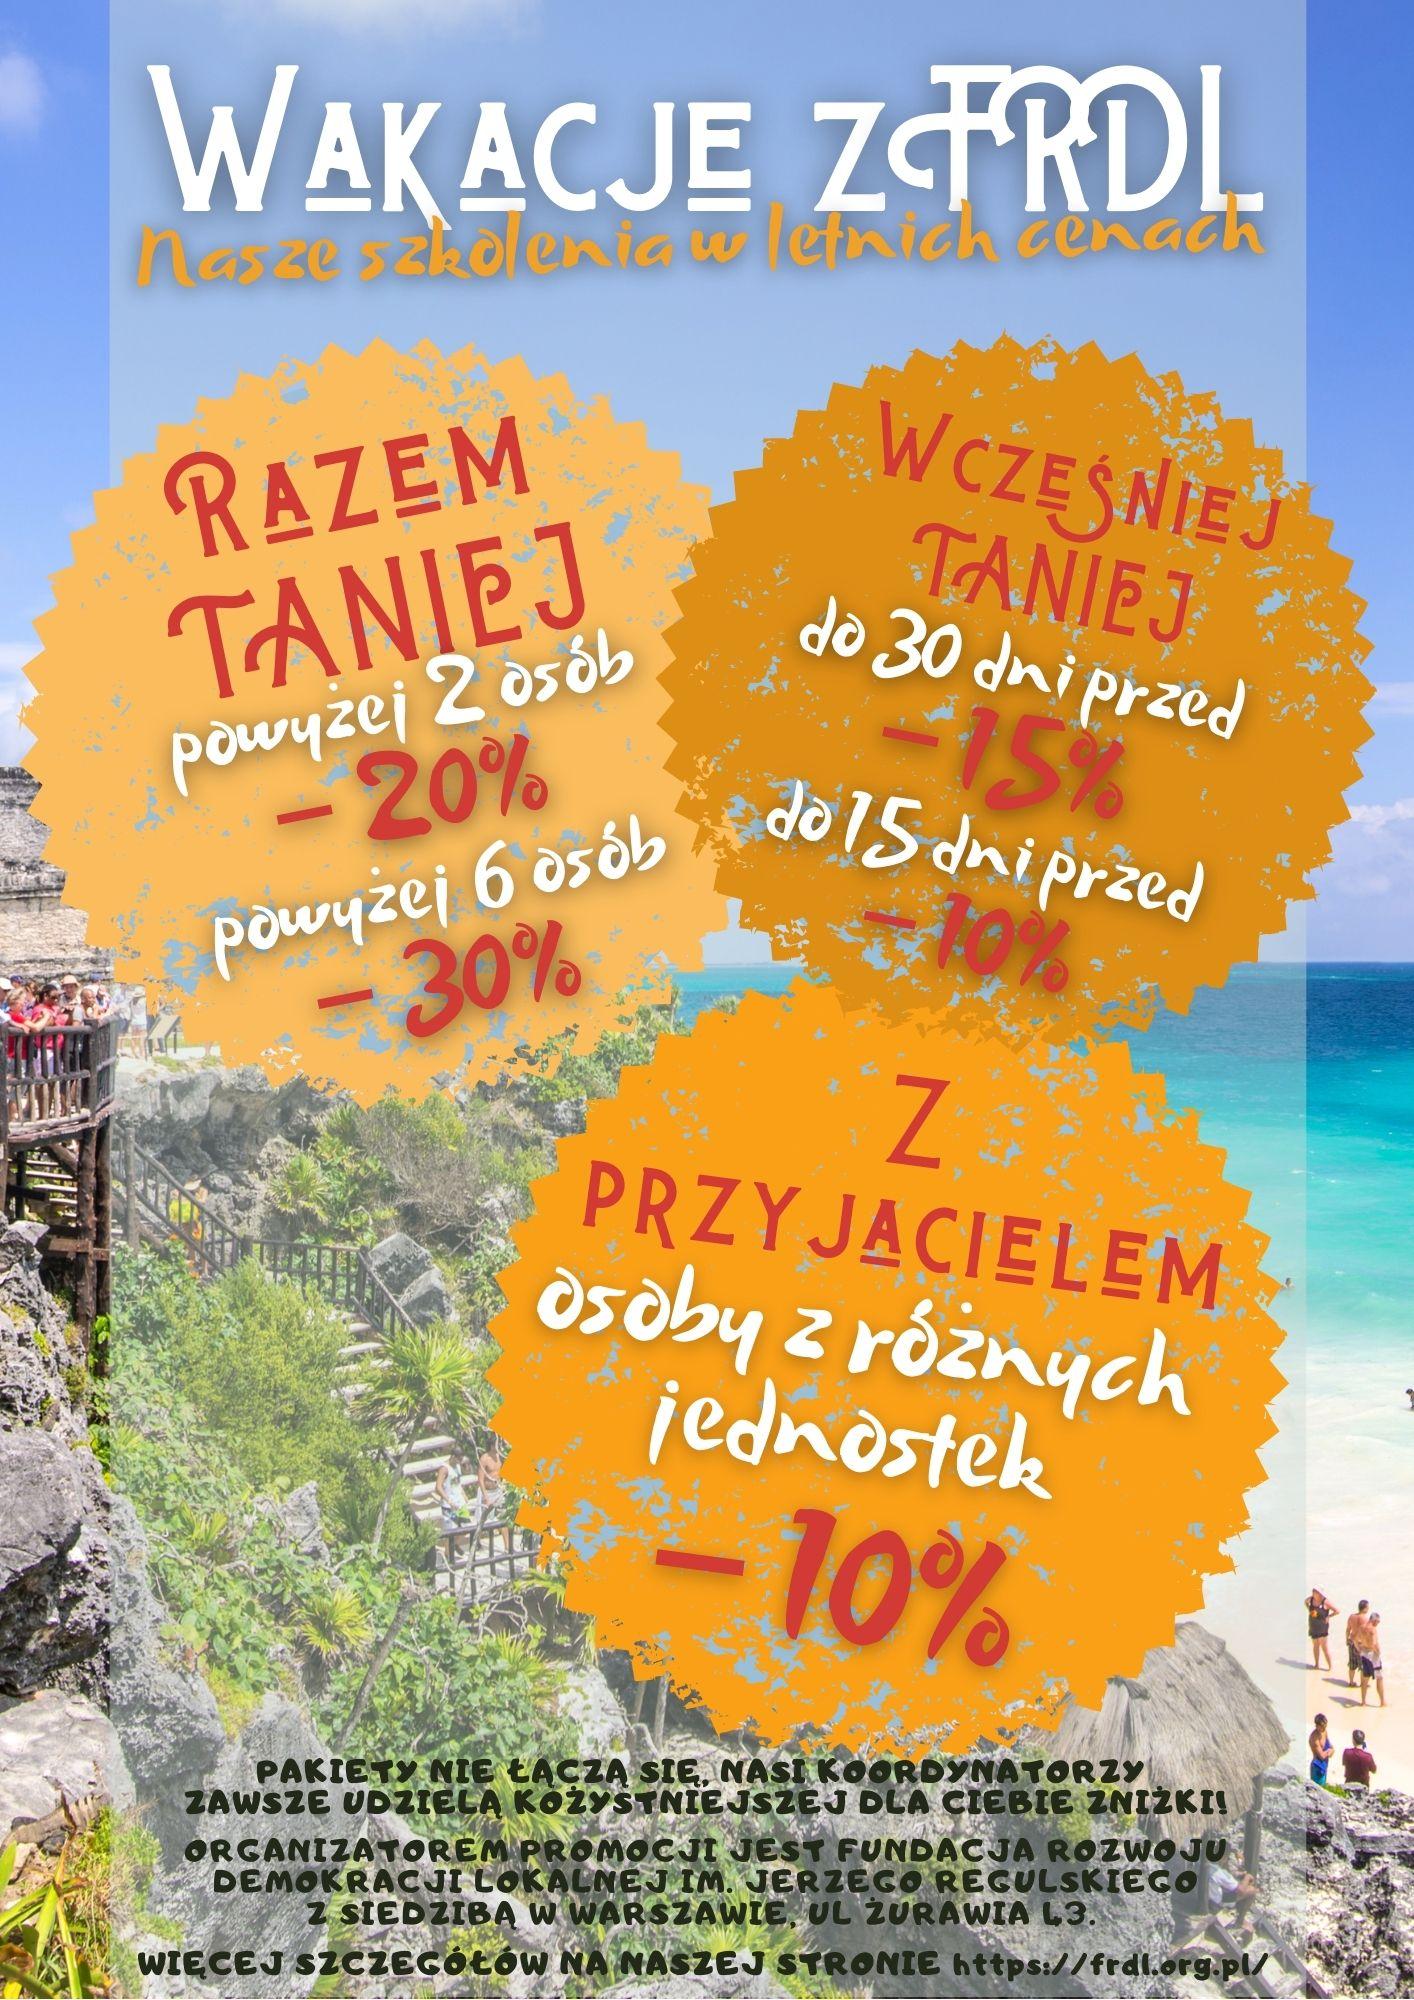 Grafika promocji wakacyjnej. Na pierwszym planie napisy- Wakacje z FRDL- Nasze szkolenia w letnich cenach. W 3 kaflach pakiety promocyjne z tekstu. W tle pejzaż- plaża, morze, egzotyczna roślinność.